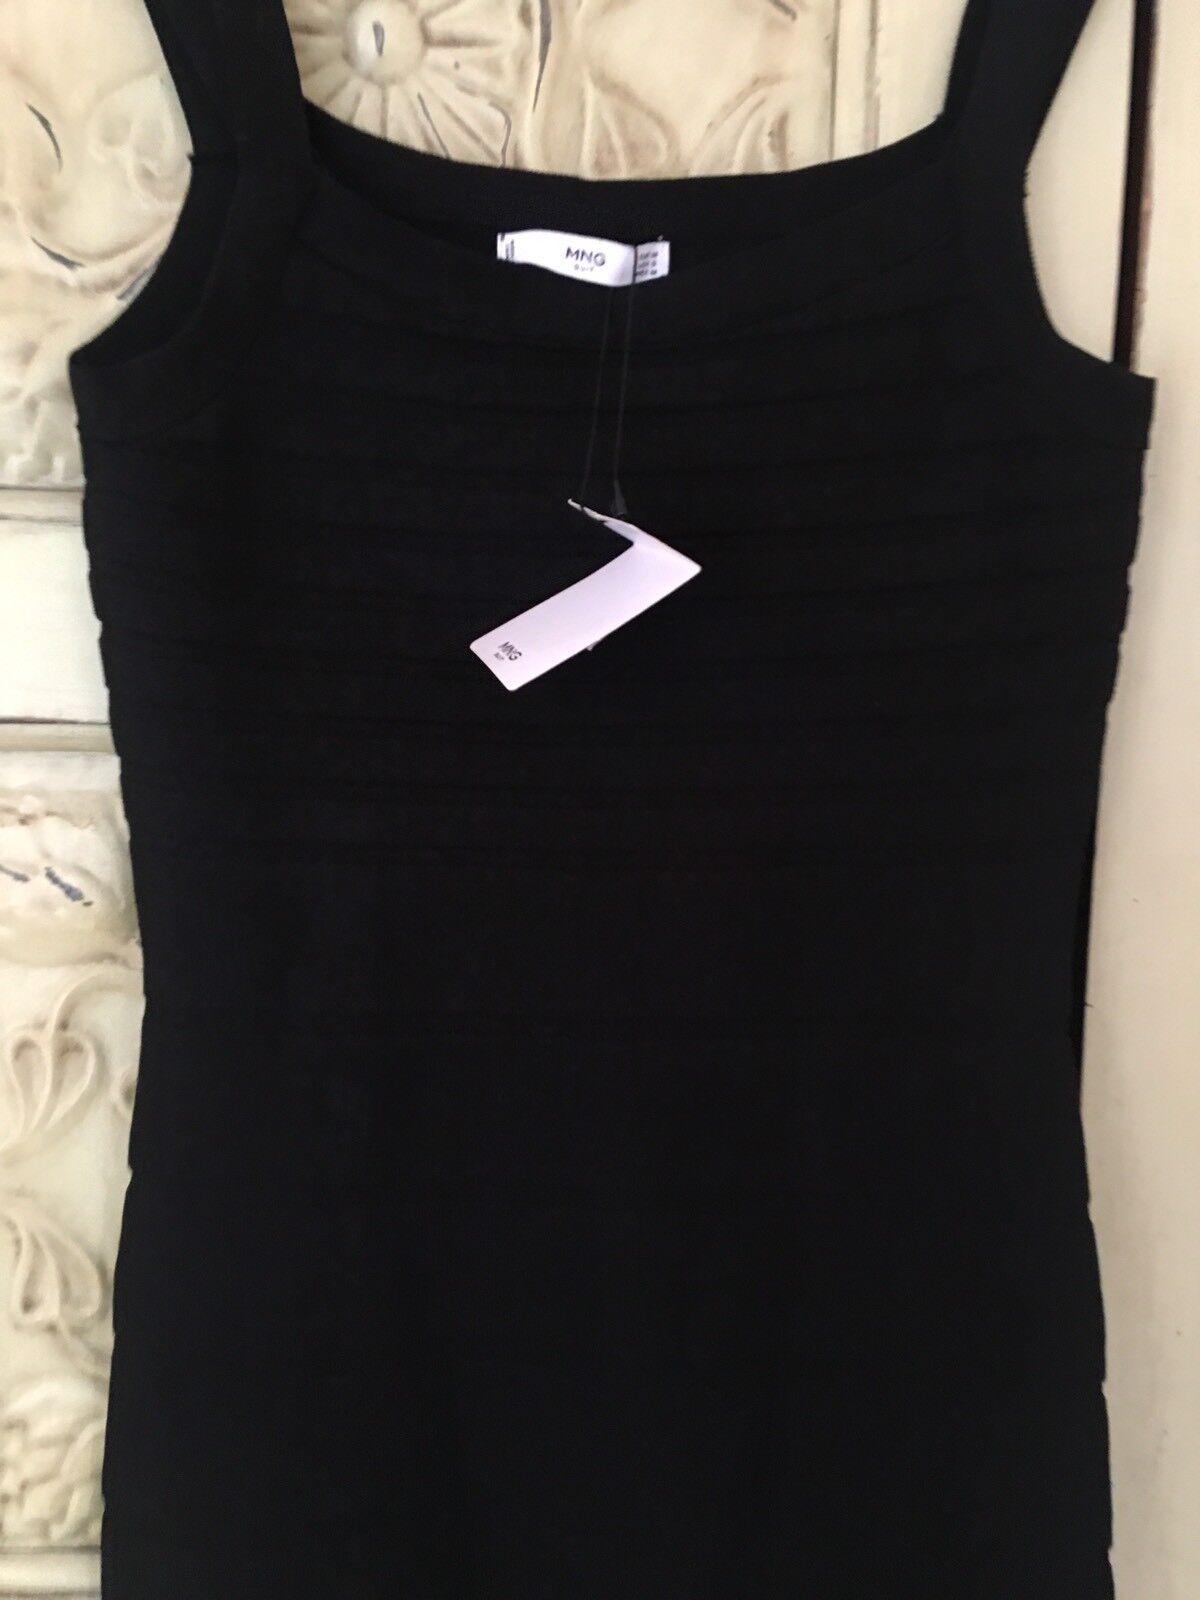 Schwarz Mng Suit Mangos Bodycon Kleid USA 6 Uk6 Unterteilt DoppelrieMänner Neu Mini